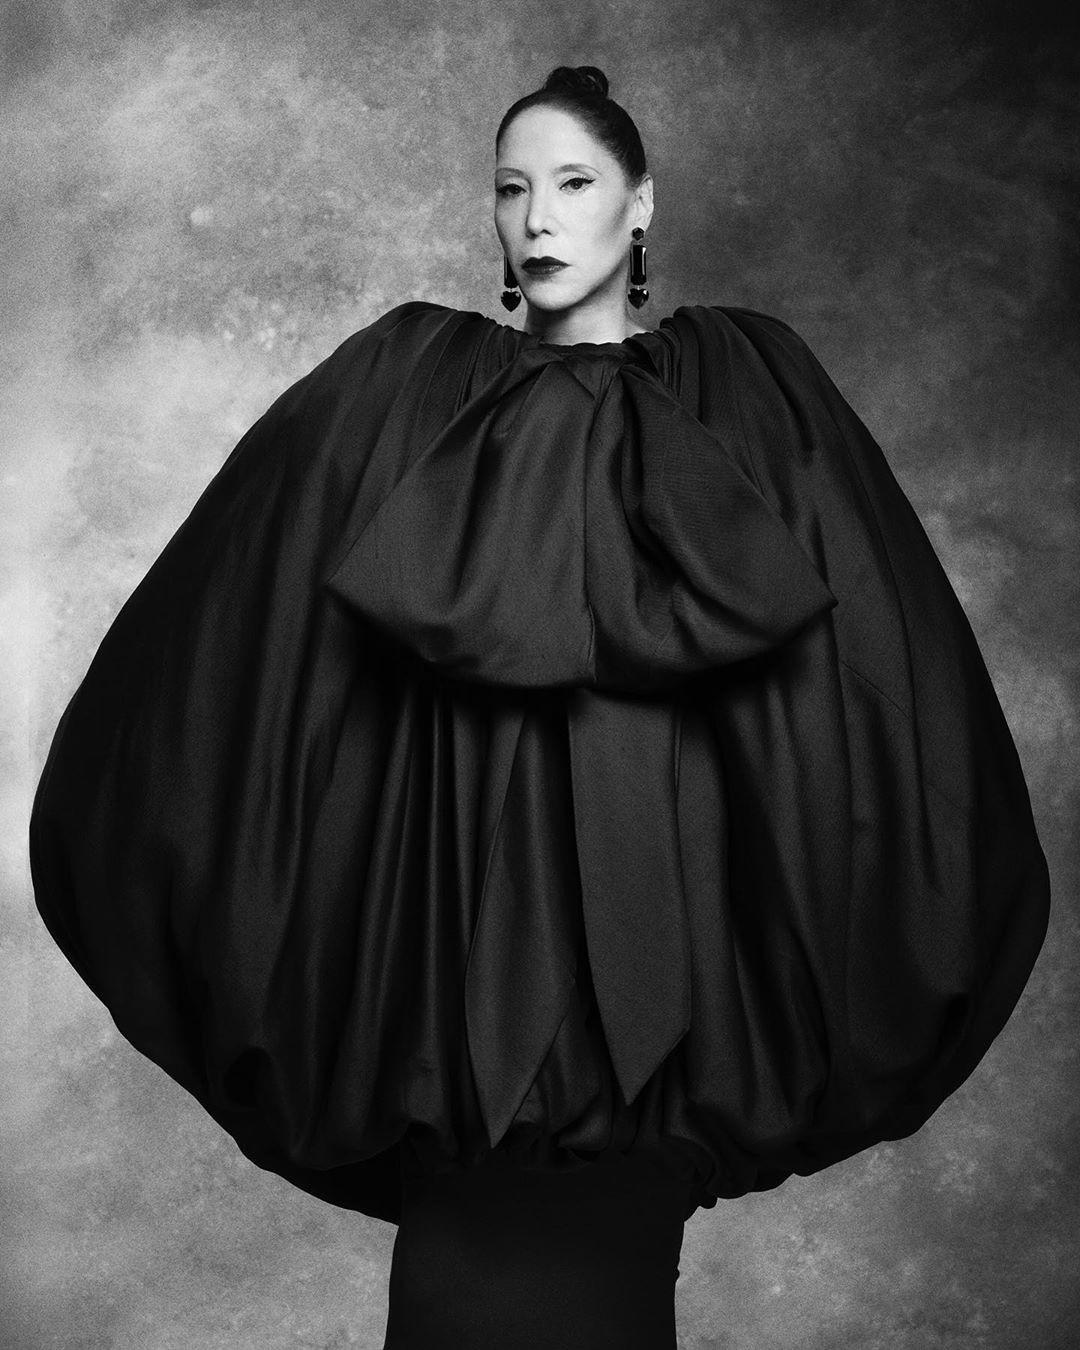 кого потерял мир моды в 2019 году